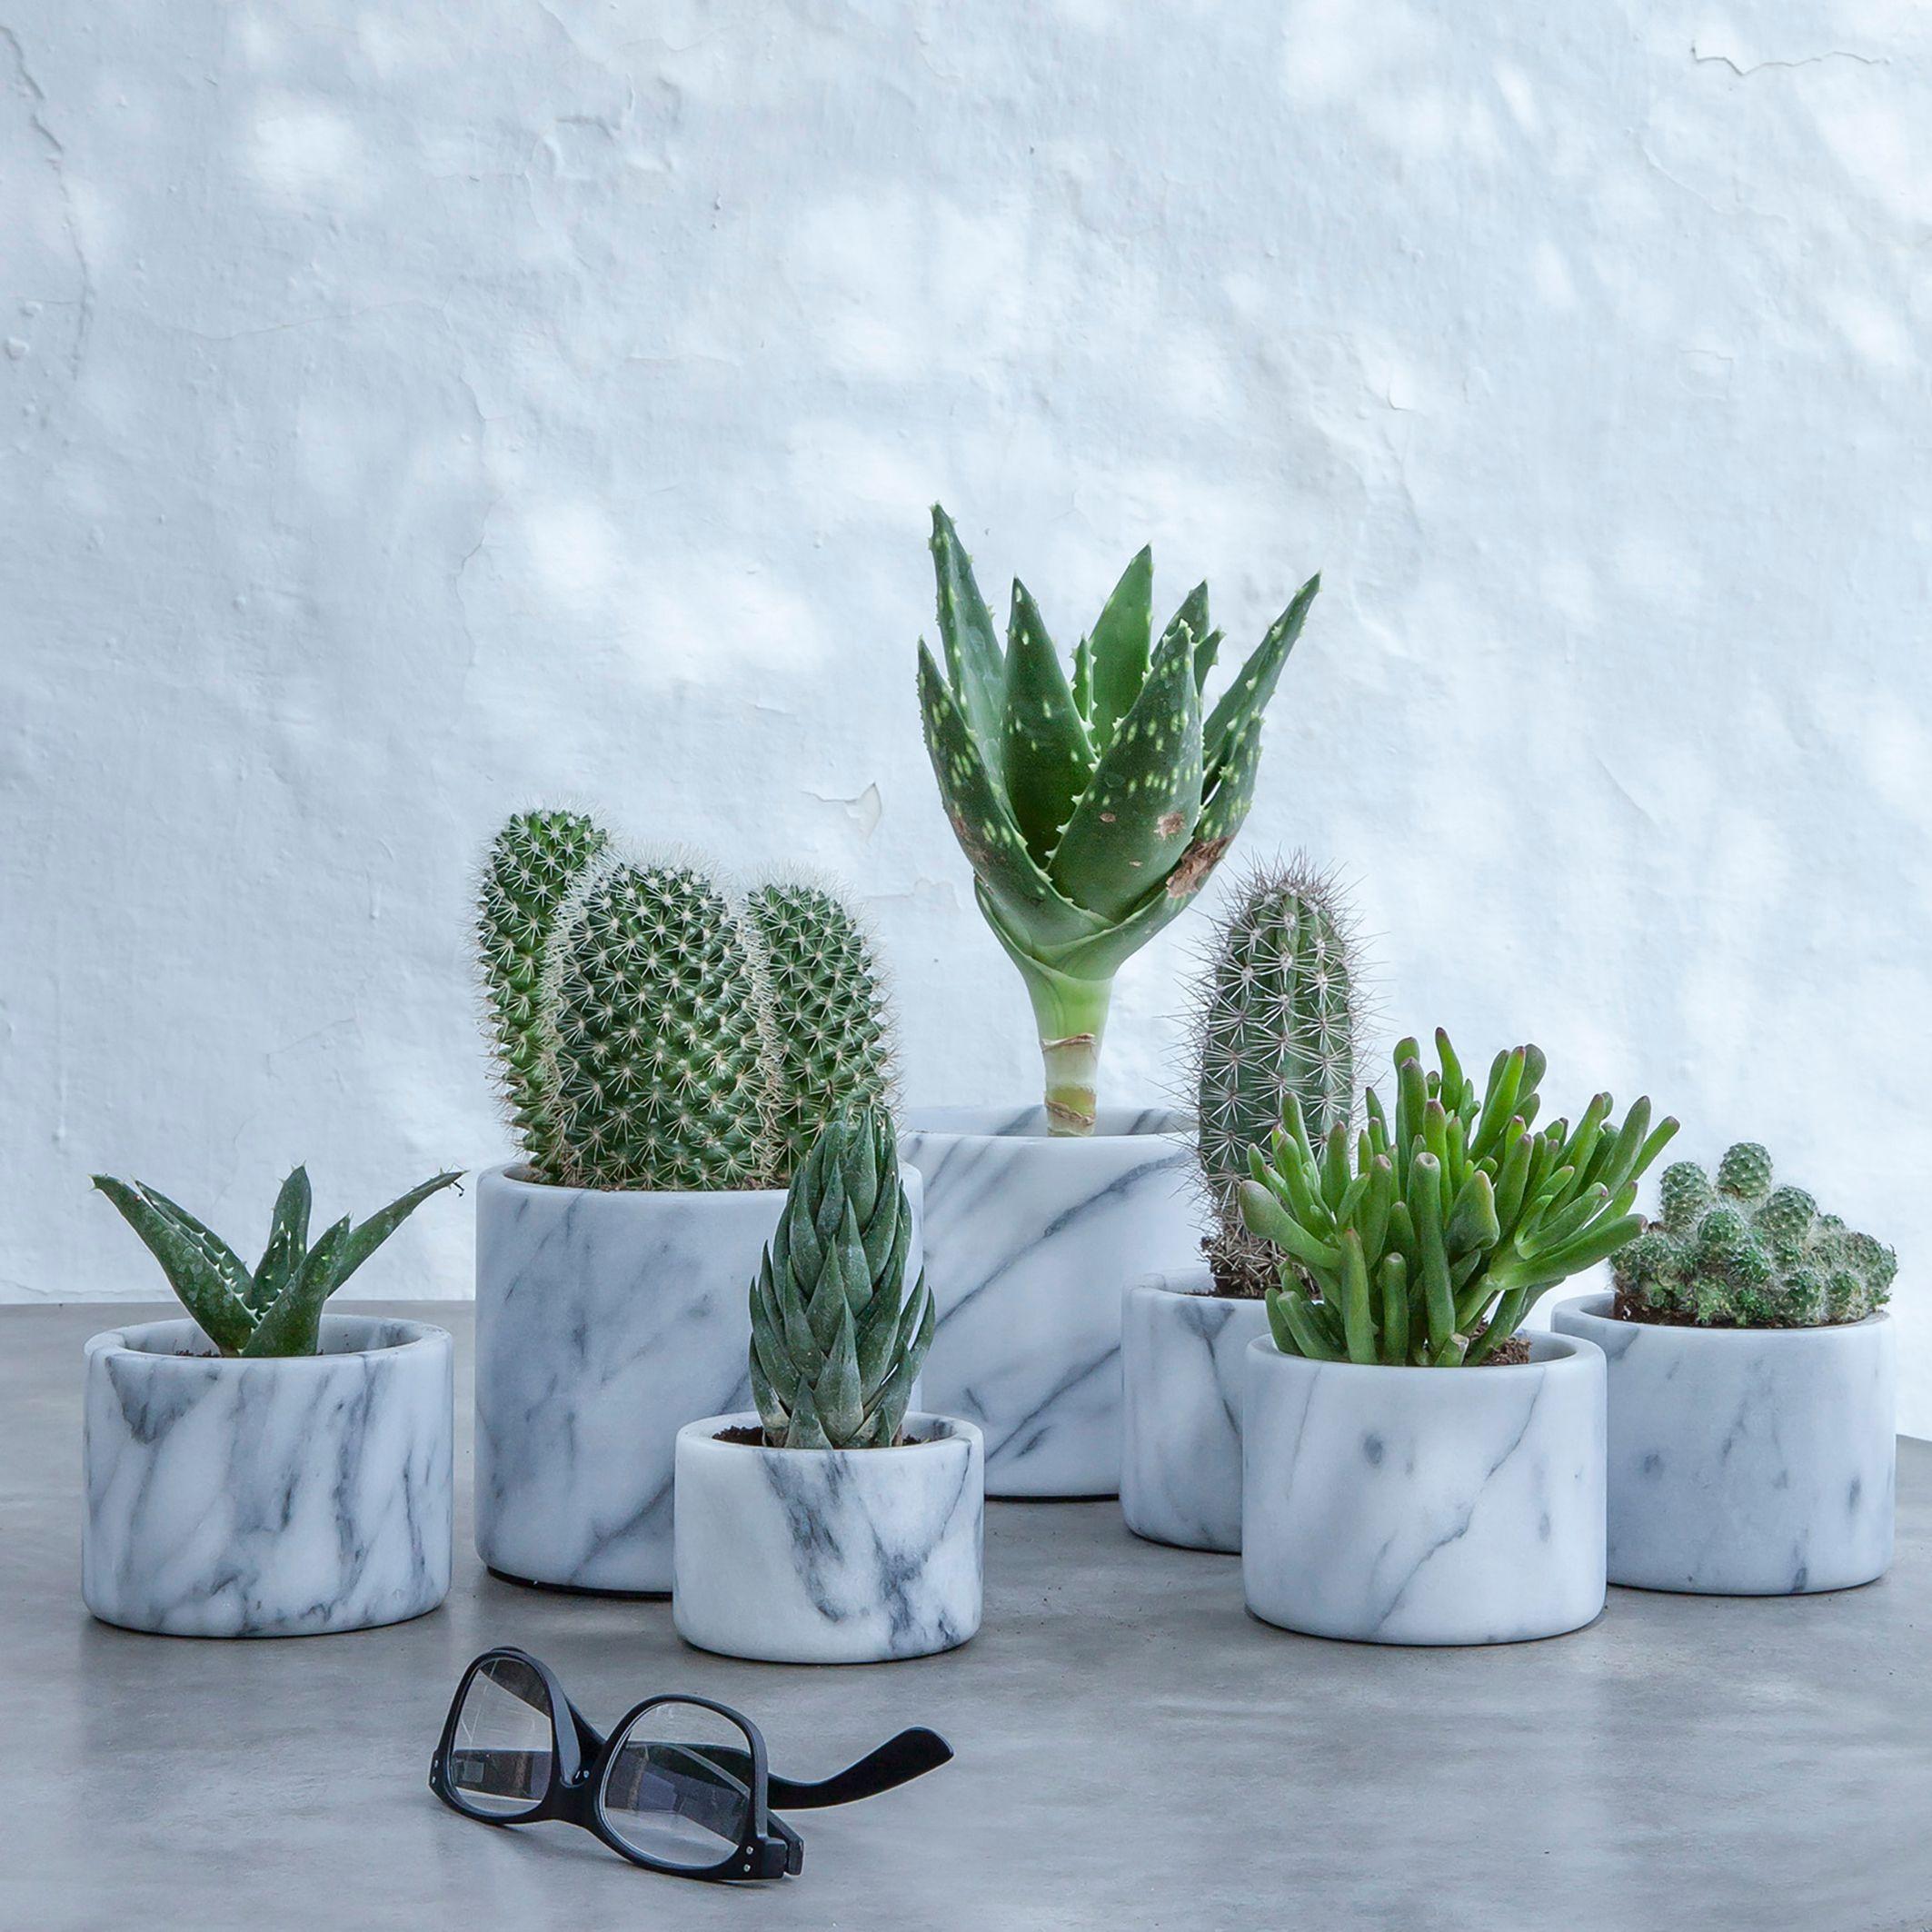 pot en marbre sevan am pm la redoute soldes pots plantes pinterest la redoute soldes la. Black Bedroom Furniture Sets. Home Design Ideas